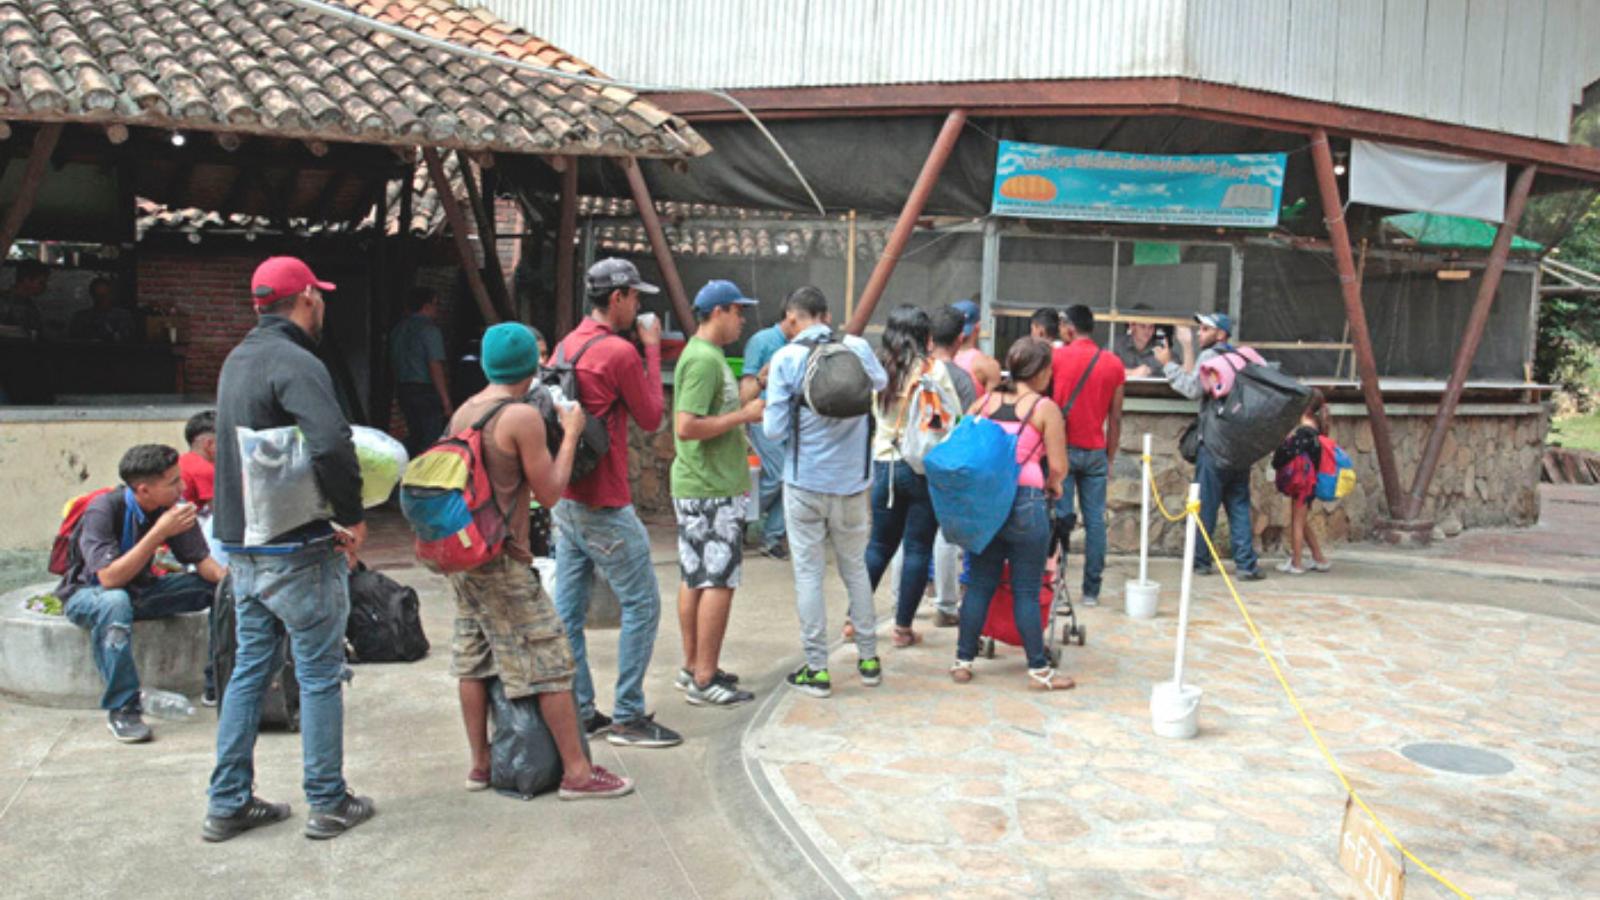 Harán caracterización de migrantes en Catatumbo